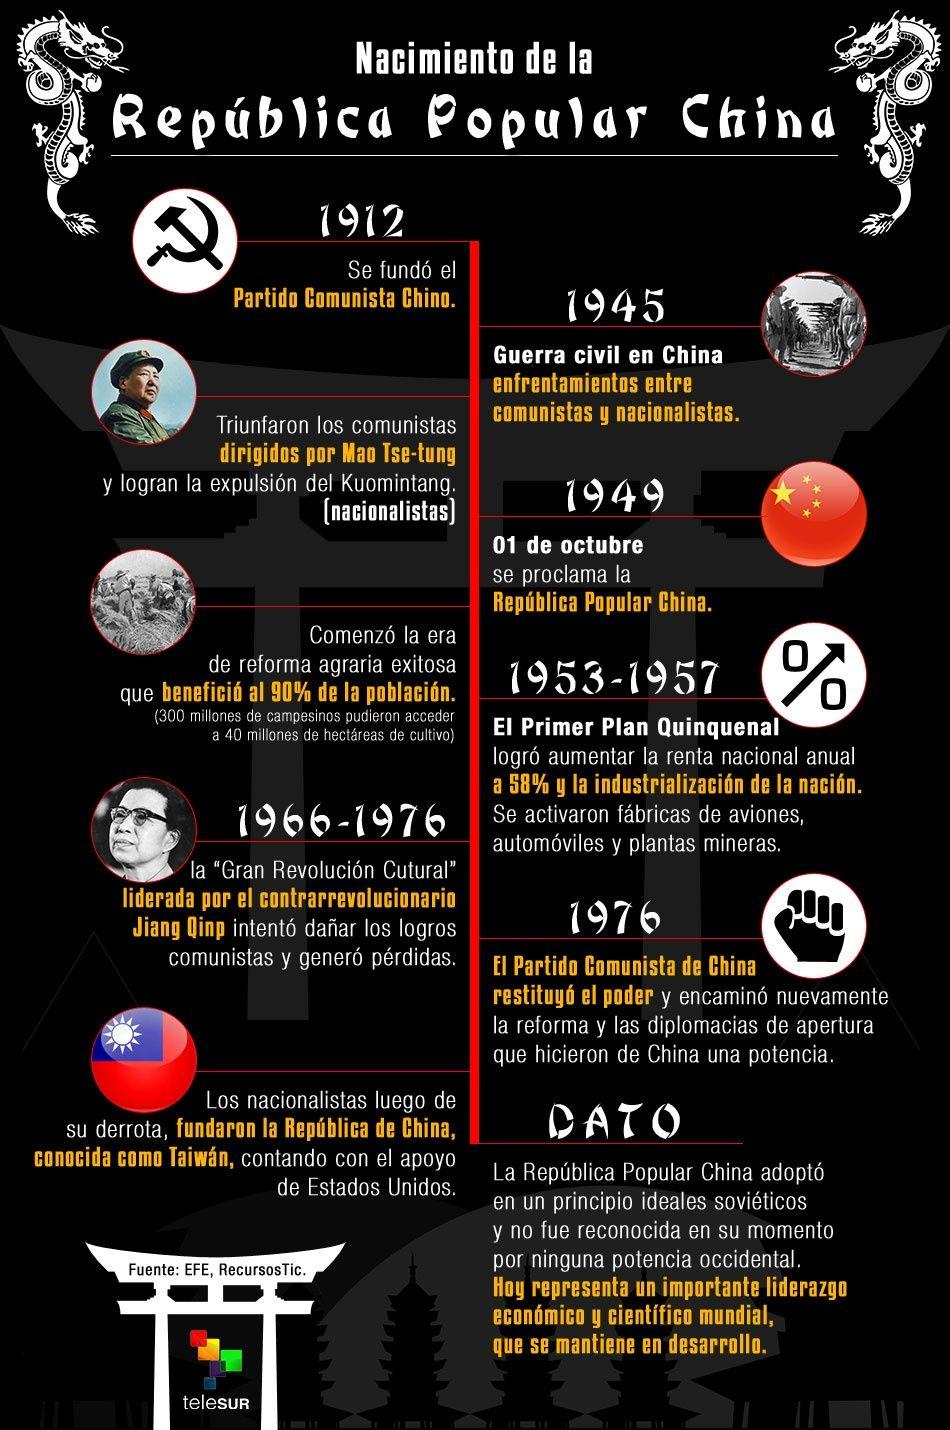 Aniversario de la Repblica Popular China  Noticias  teleSUR